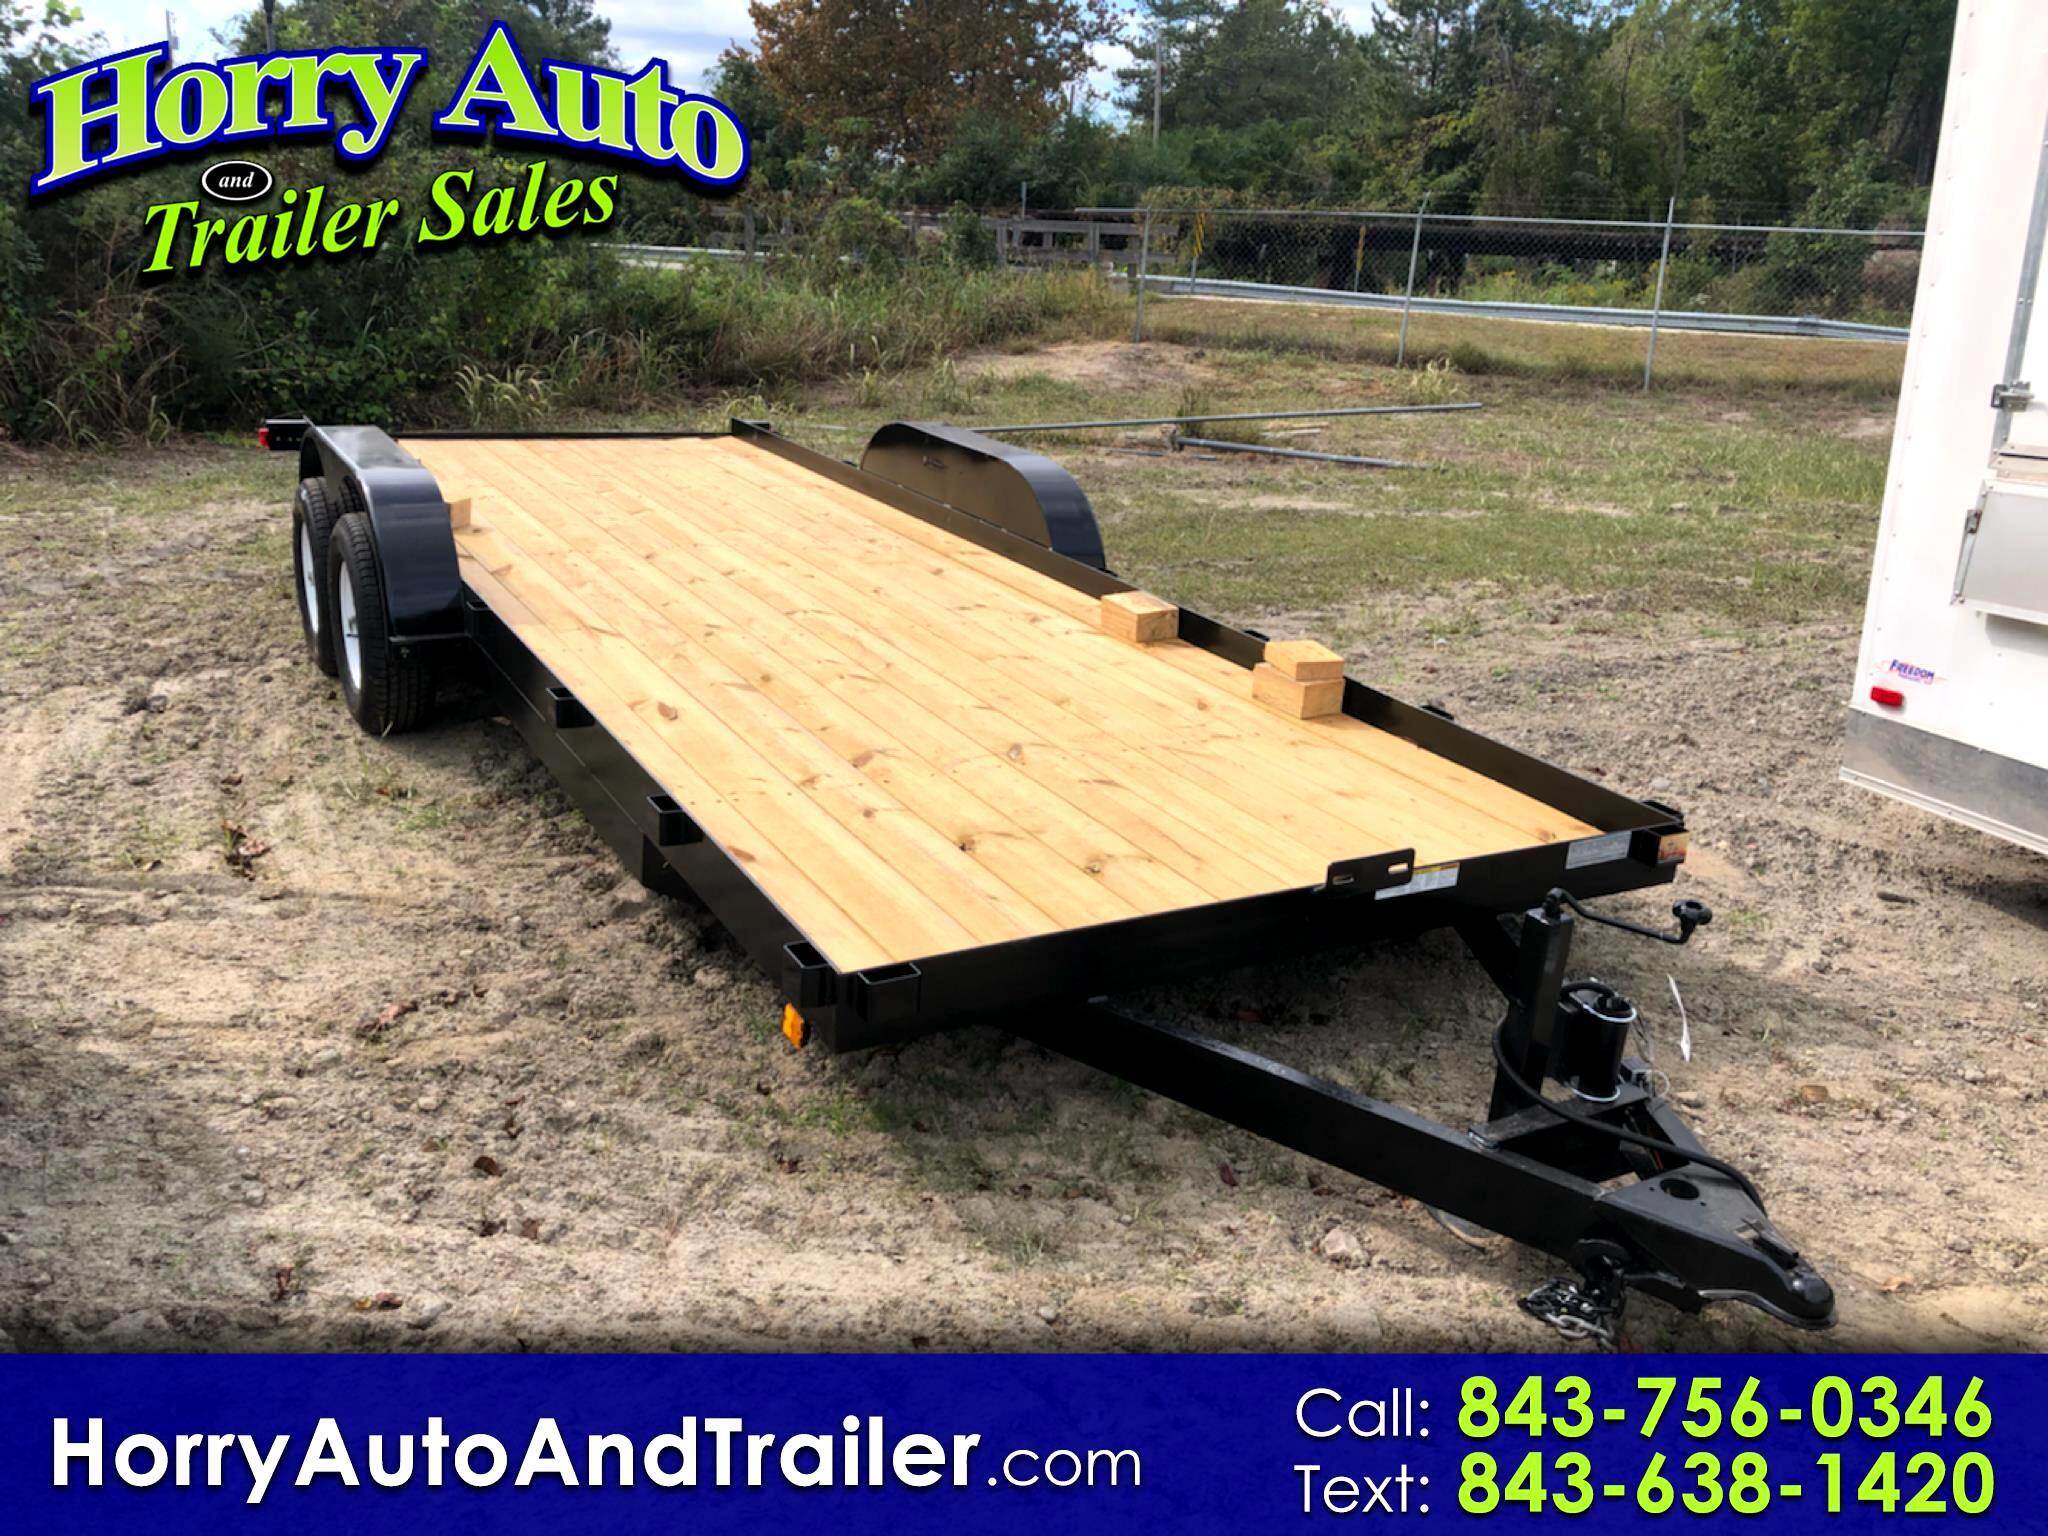 2020 Currahee E720.10KD 20 ft car hauler